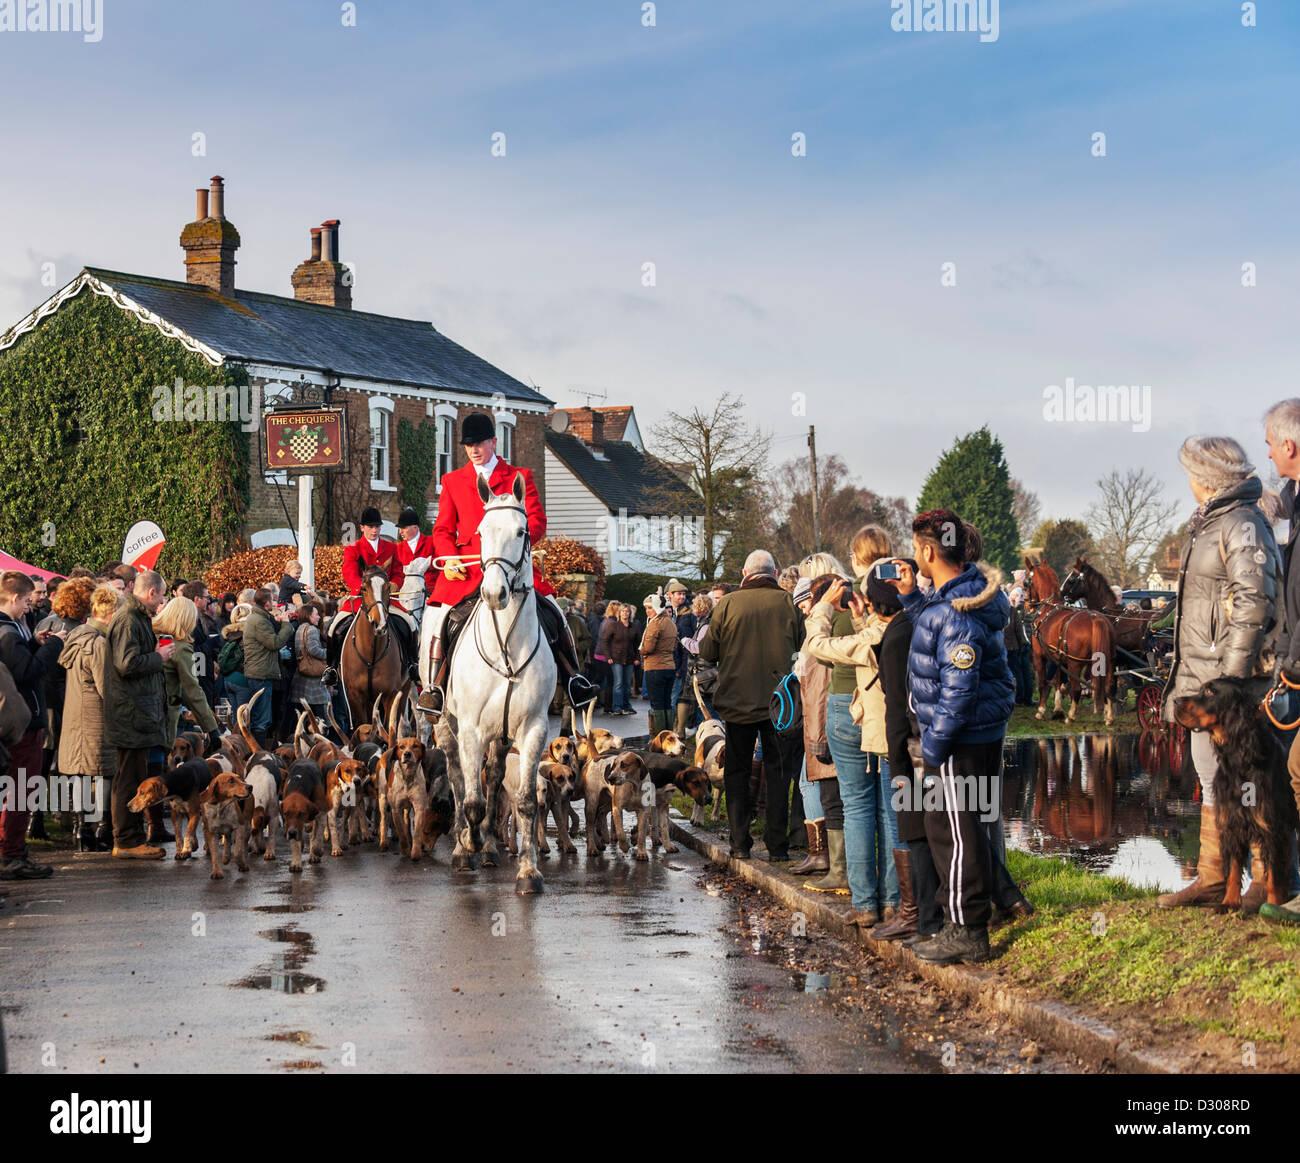 Fuchs-Jagd - The Essex Hunt in der passenden Dorfanger, England, Großbritannien am zweiten Weihnachtstag Stockbild